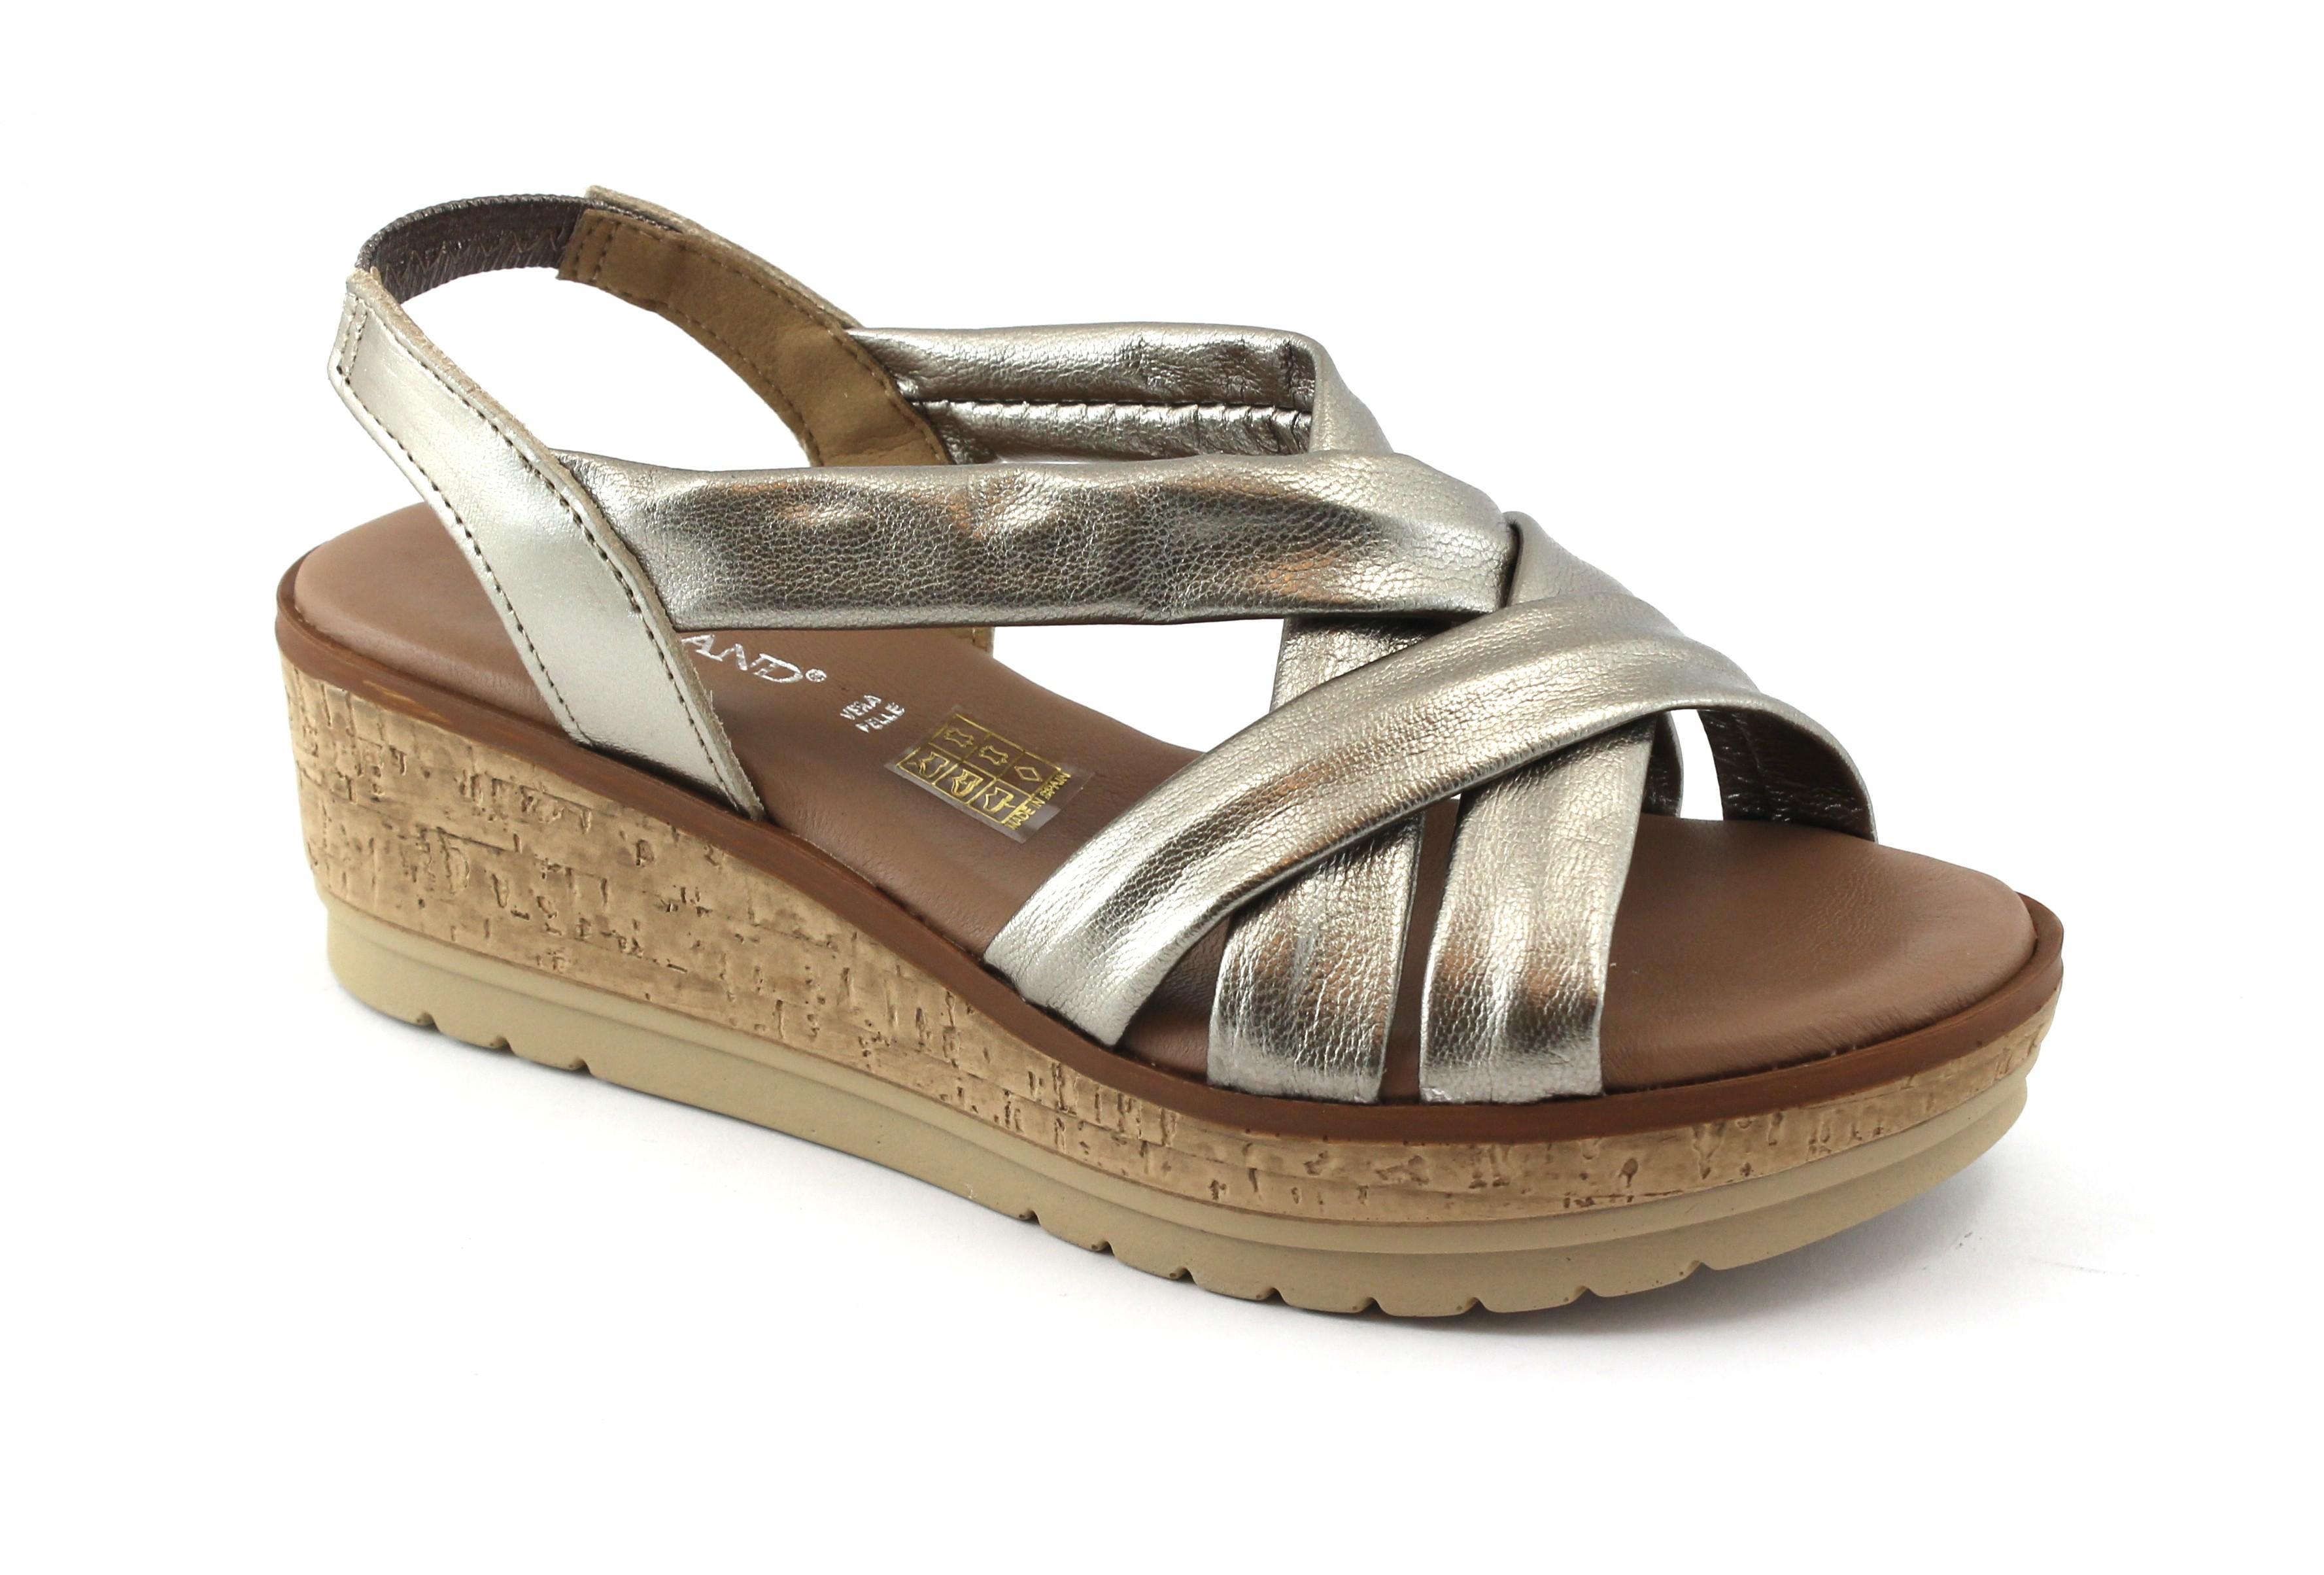 GRUNLAND COCO SA1703 peltro sandali donna pelle zeppa elastico